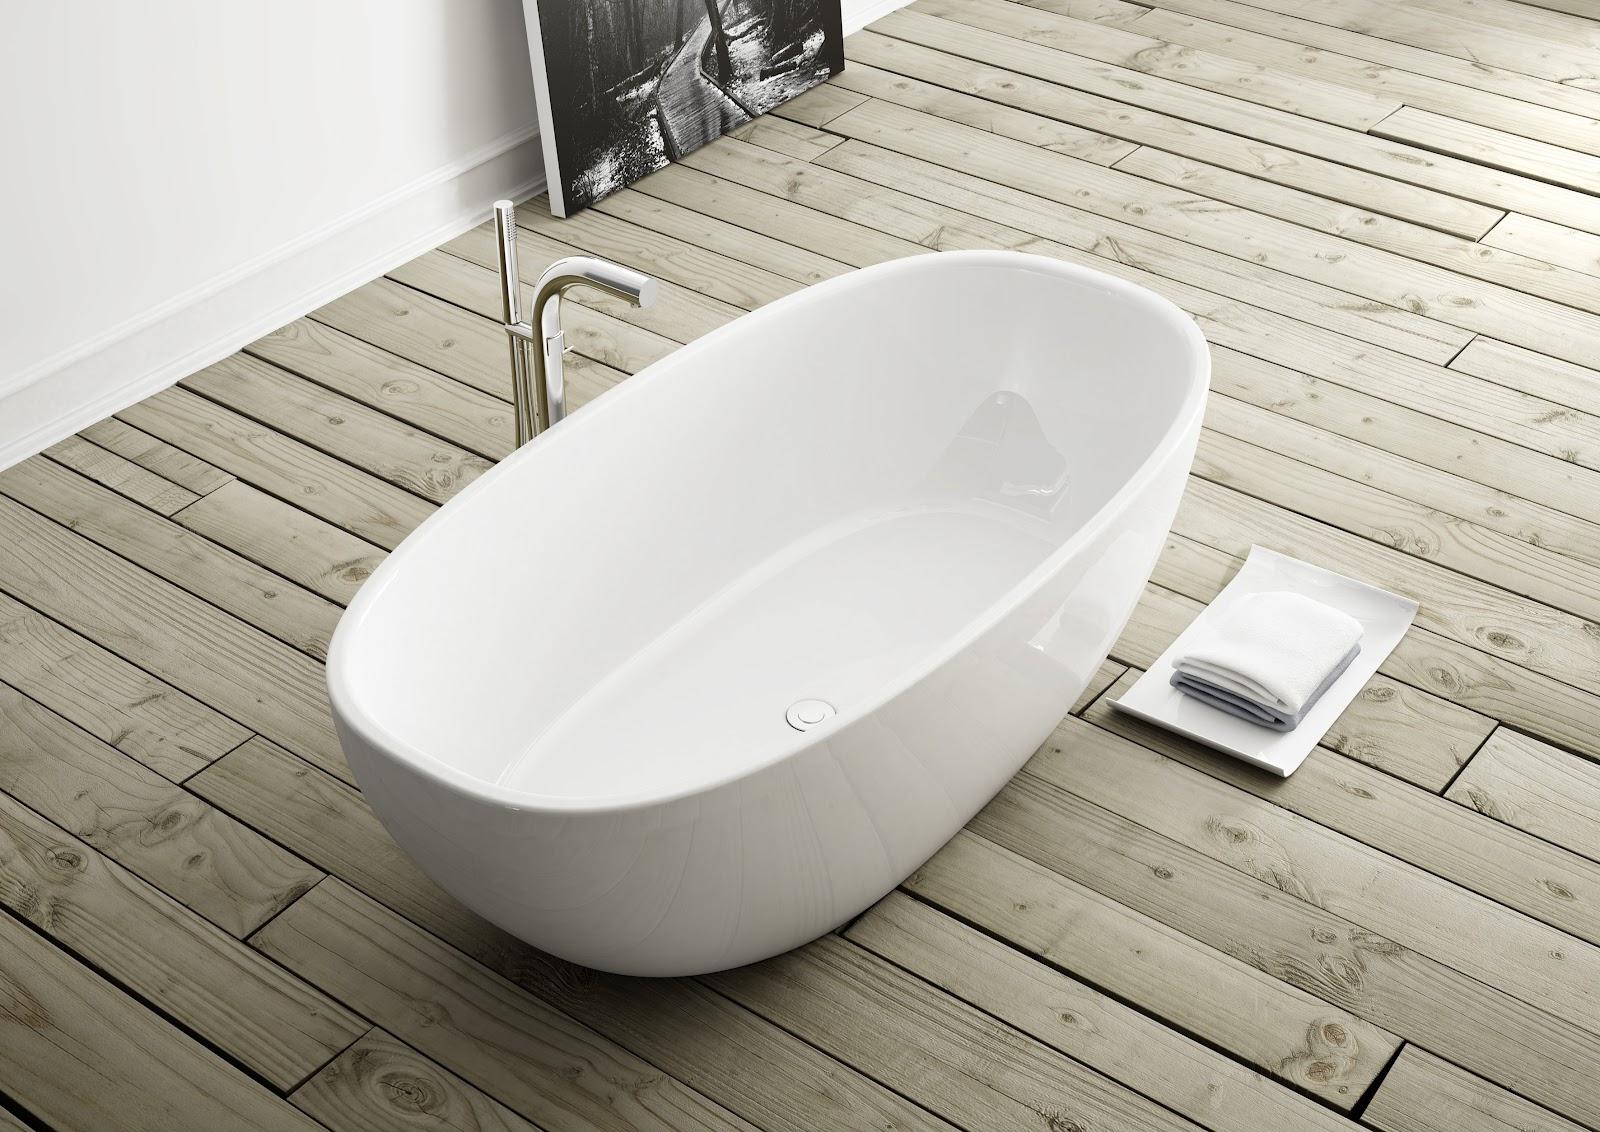 Banheiro & Cia: Banheiras freestanding #595141 1600x1132 Banheiro Com Banheira Antiga